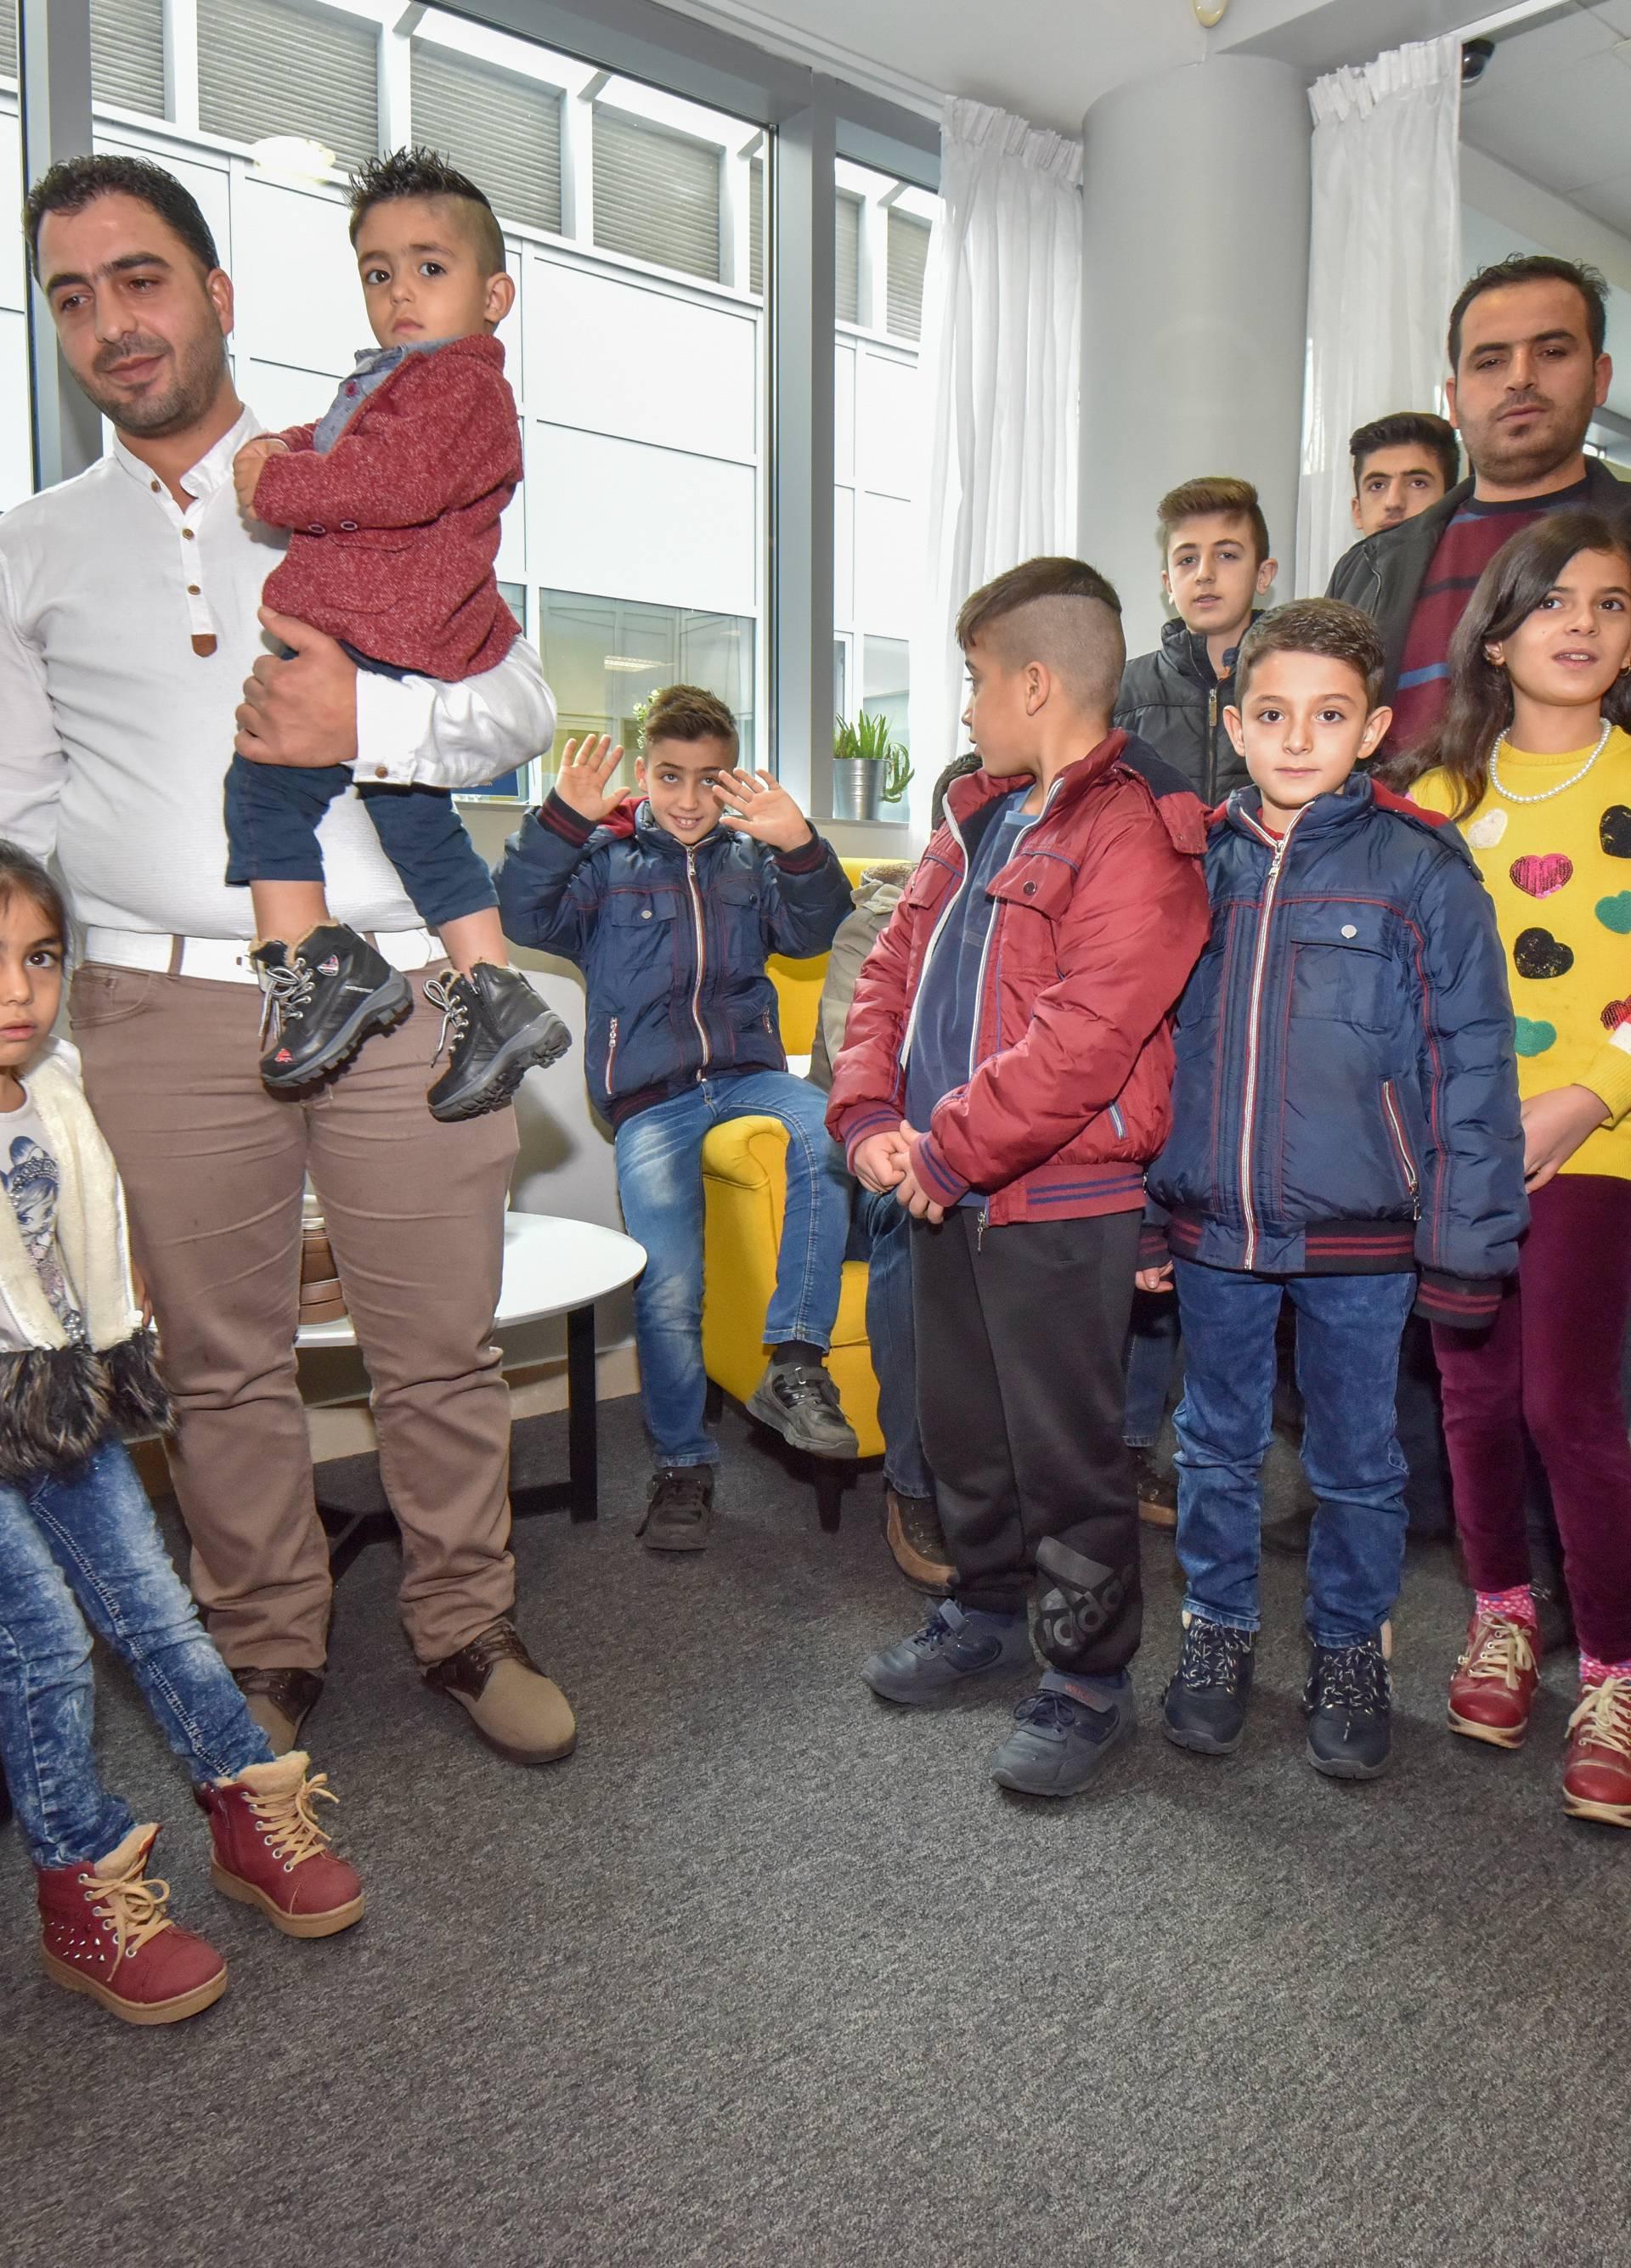 Zadrani udomili 40 azilanata: 'Lijepo nam je, tu smo sigurni'